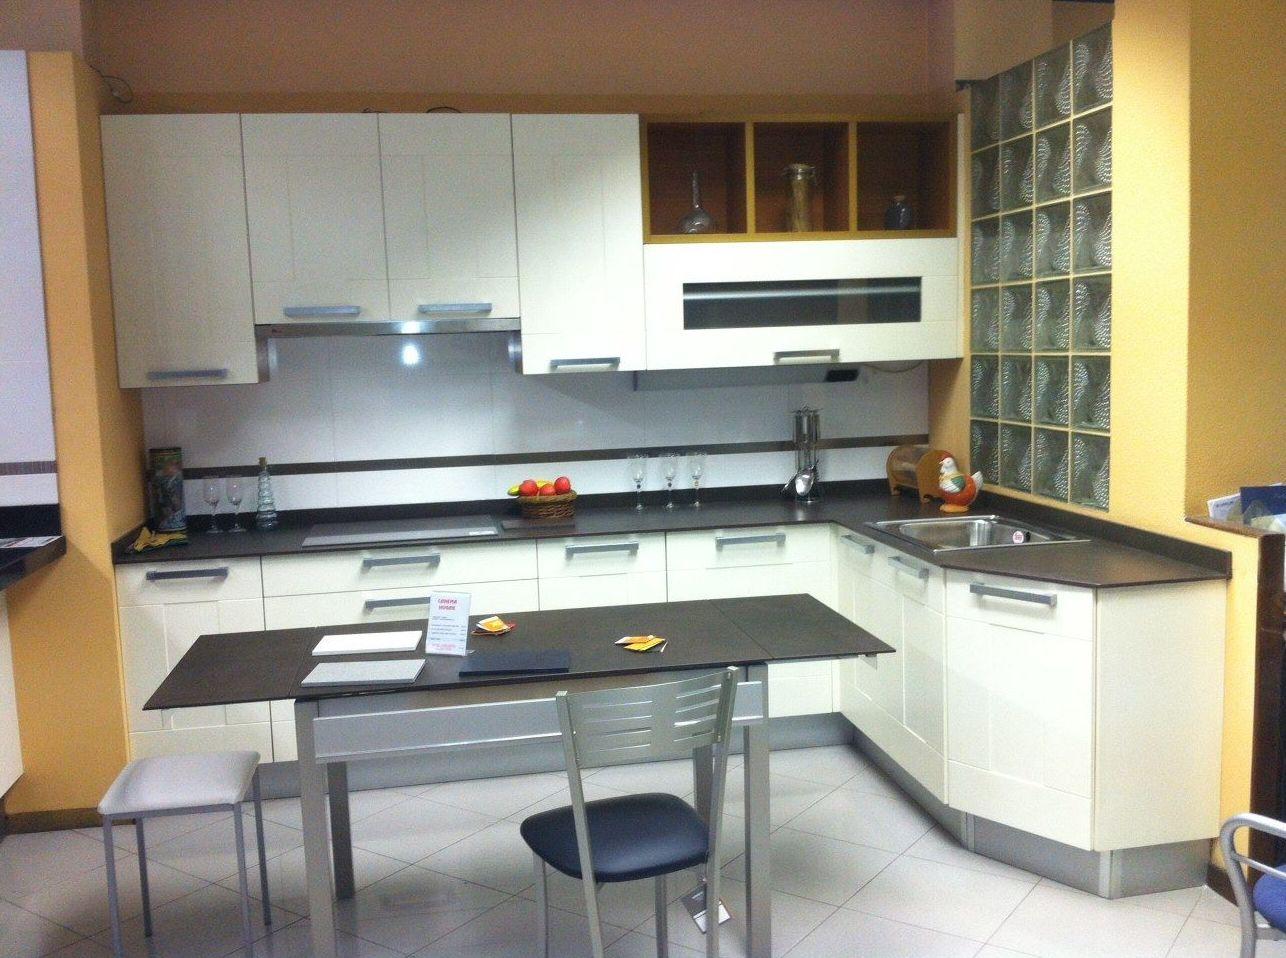 Bonito Liquidacion Muebles De Cocina Im Genes Mil Anuncios Com  # Muebles Sabadell Liquidacion